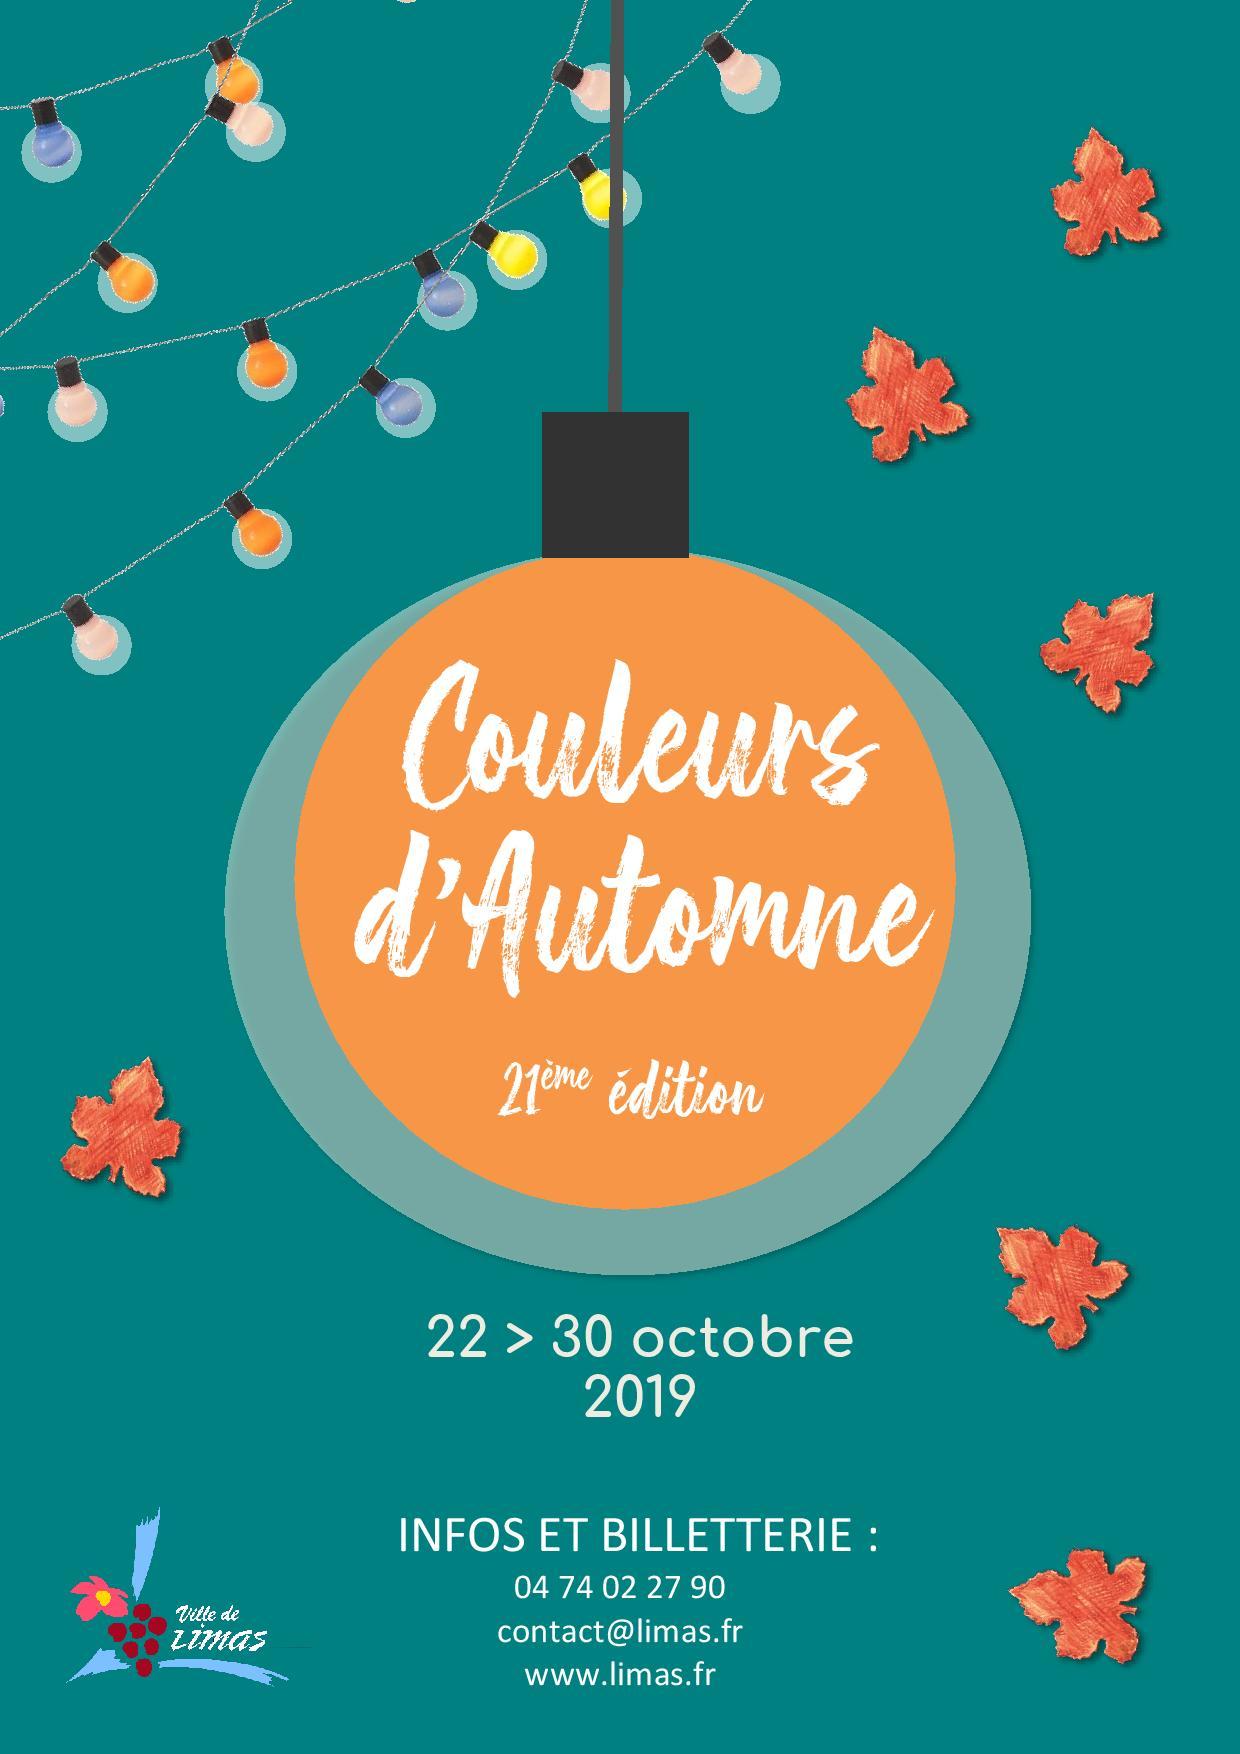 Couleurs Automne 2019.jpg